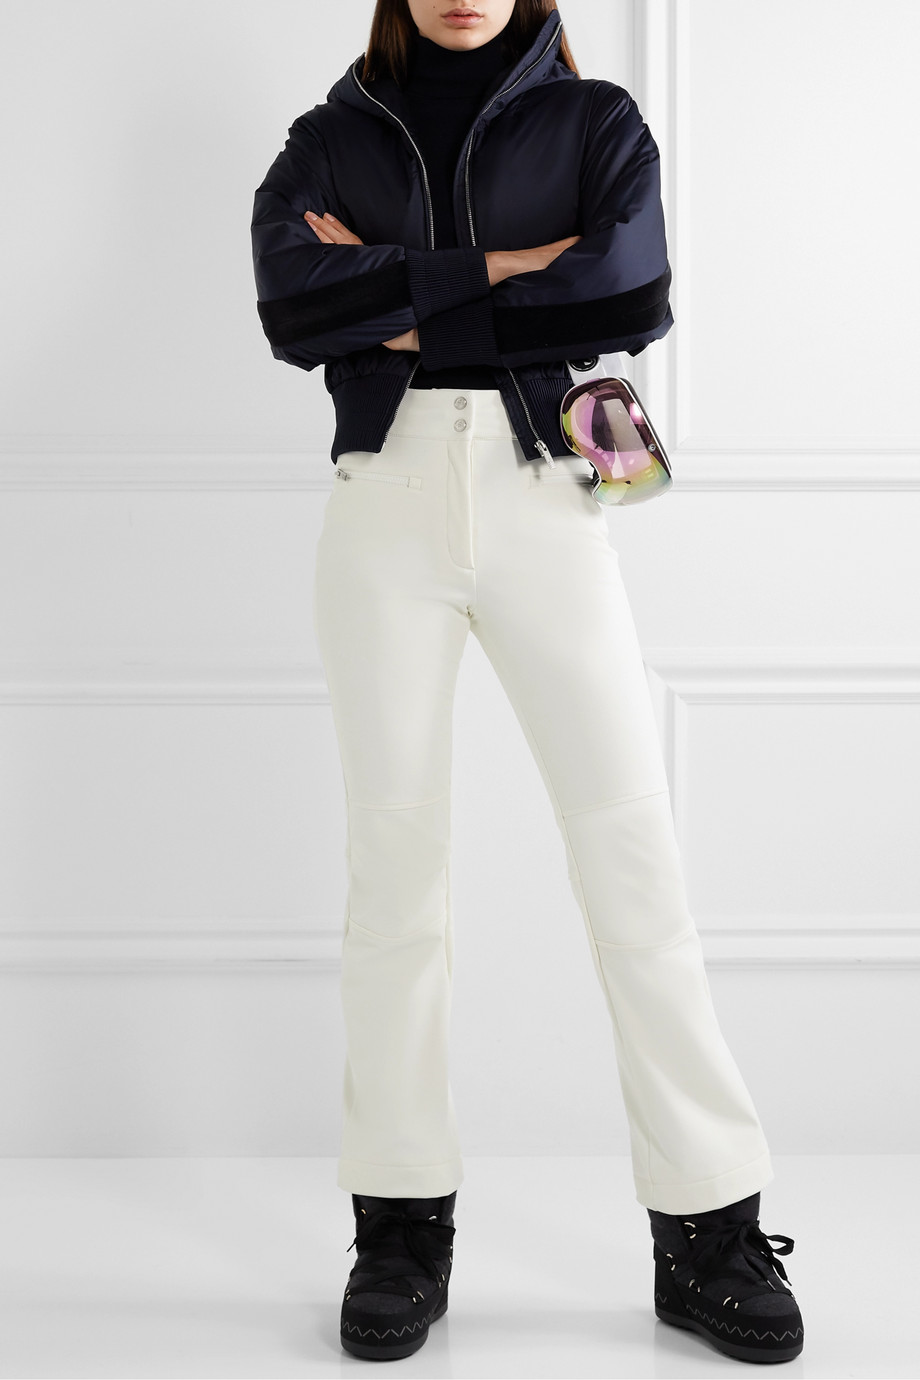 Fusalp Diana ski pants